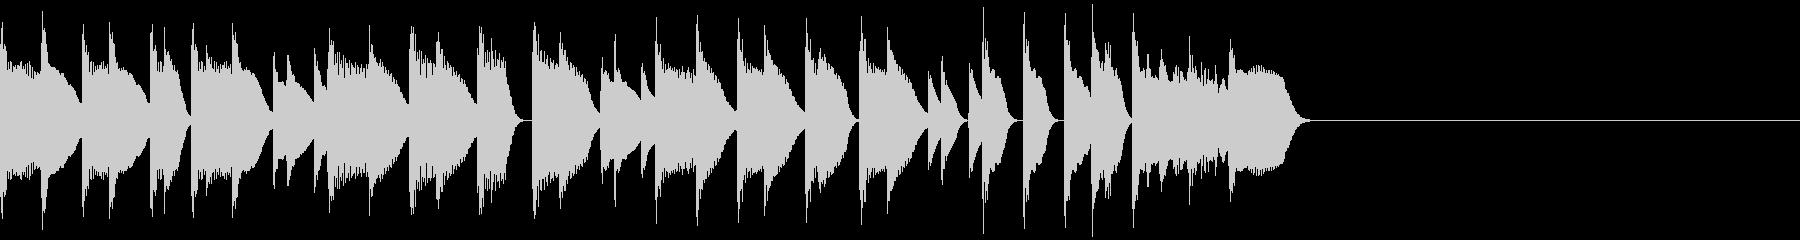 ほのぼのとしたピアノのジングル2の未再生の波形